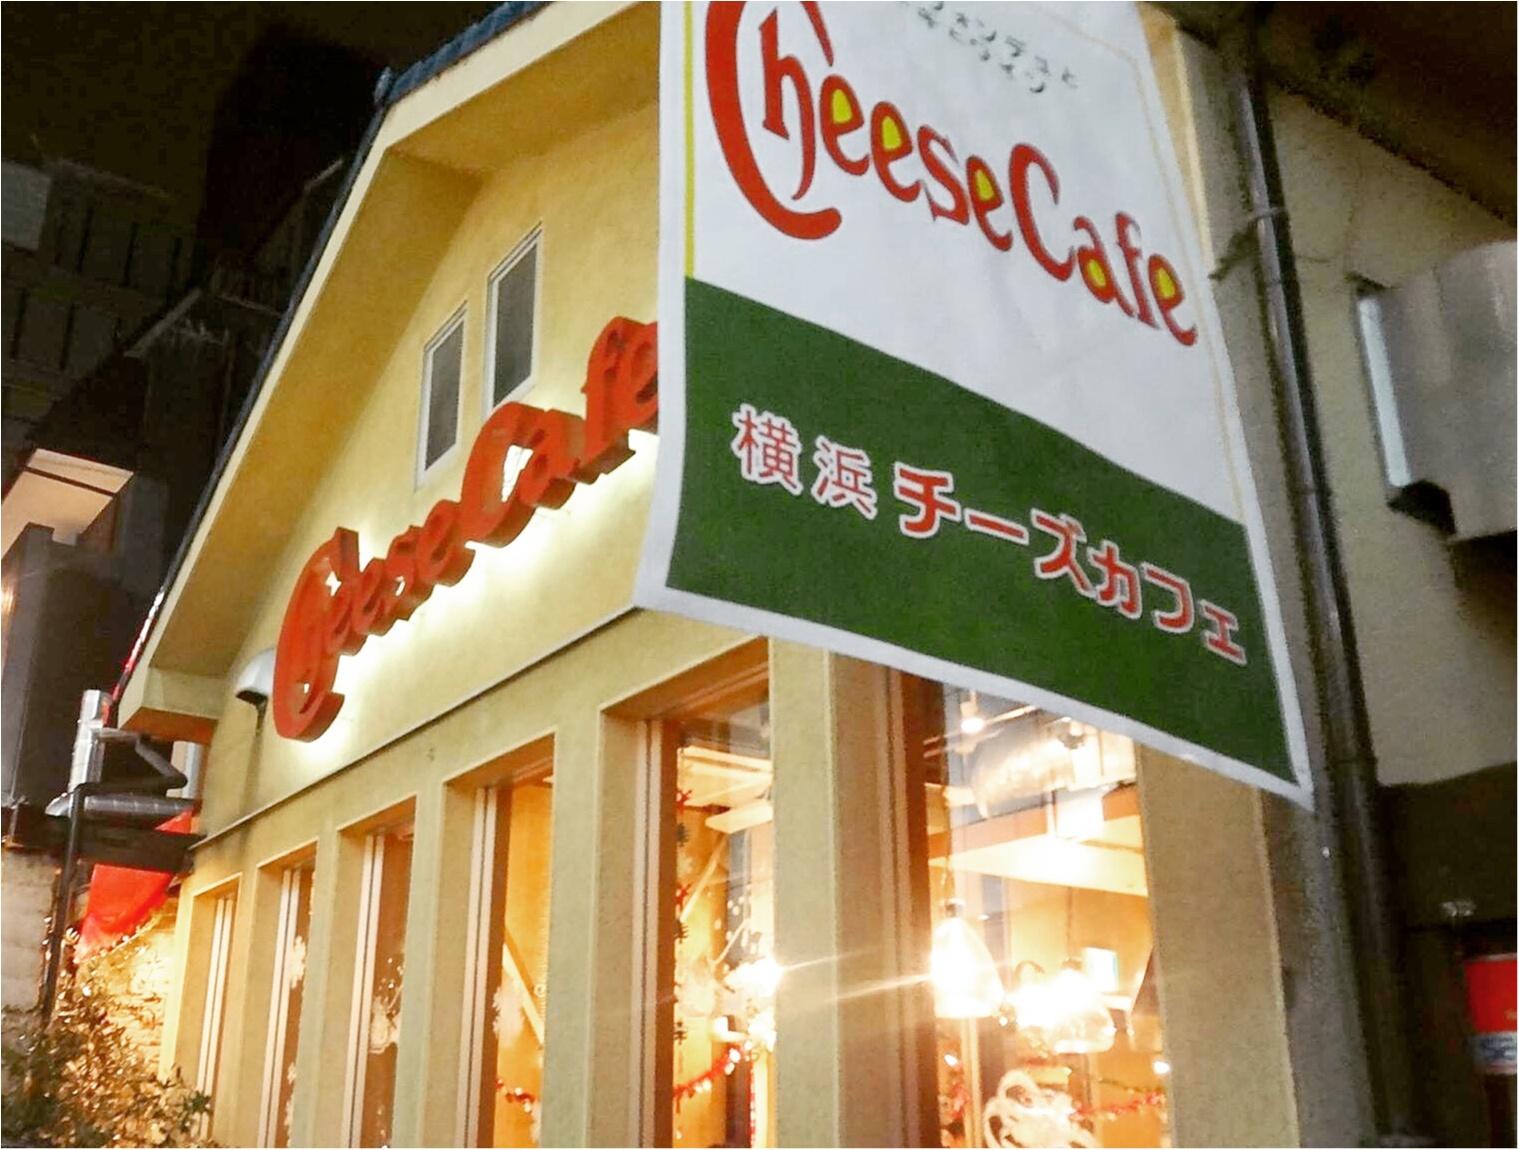 人気過ぎて予約困難な横浜のレストラン『チーズカフェ』でお得にチーズ料理を楽しむ方法✨≪samenyan≫_1